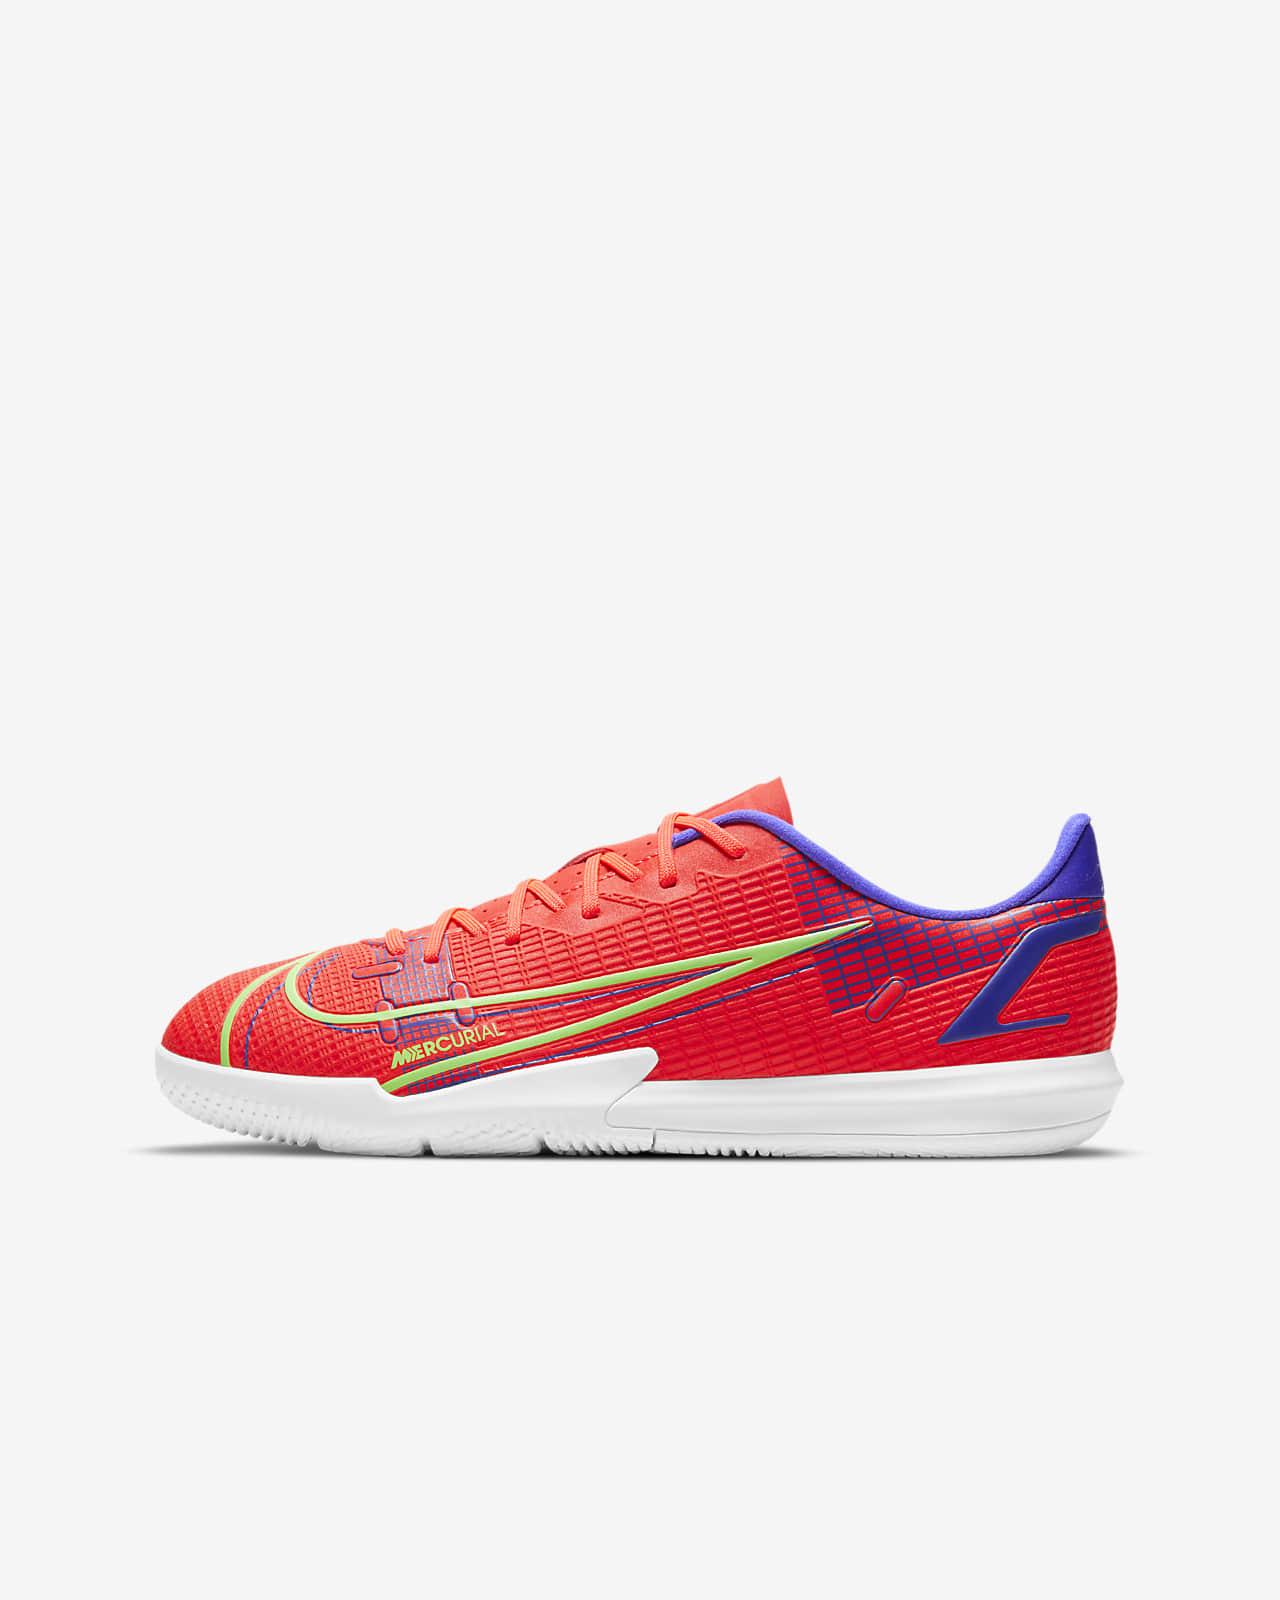 Scarpa da calcio per campi indoor/cemento Nike Jr. Mercurial Vapor 14 Academy IC - Bambini/Ragazzi